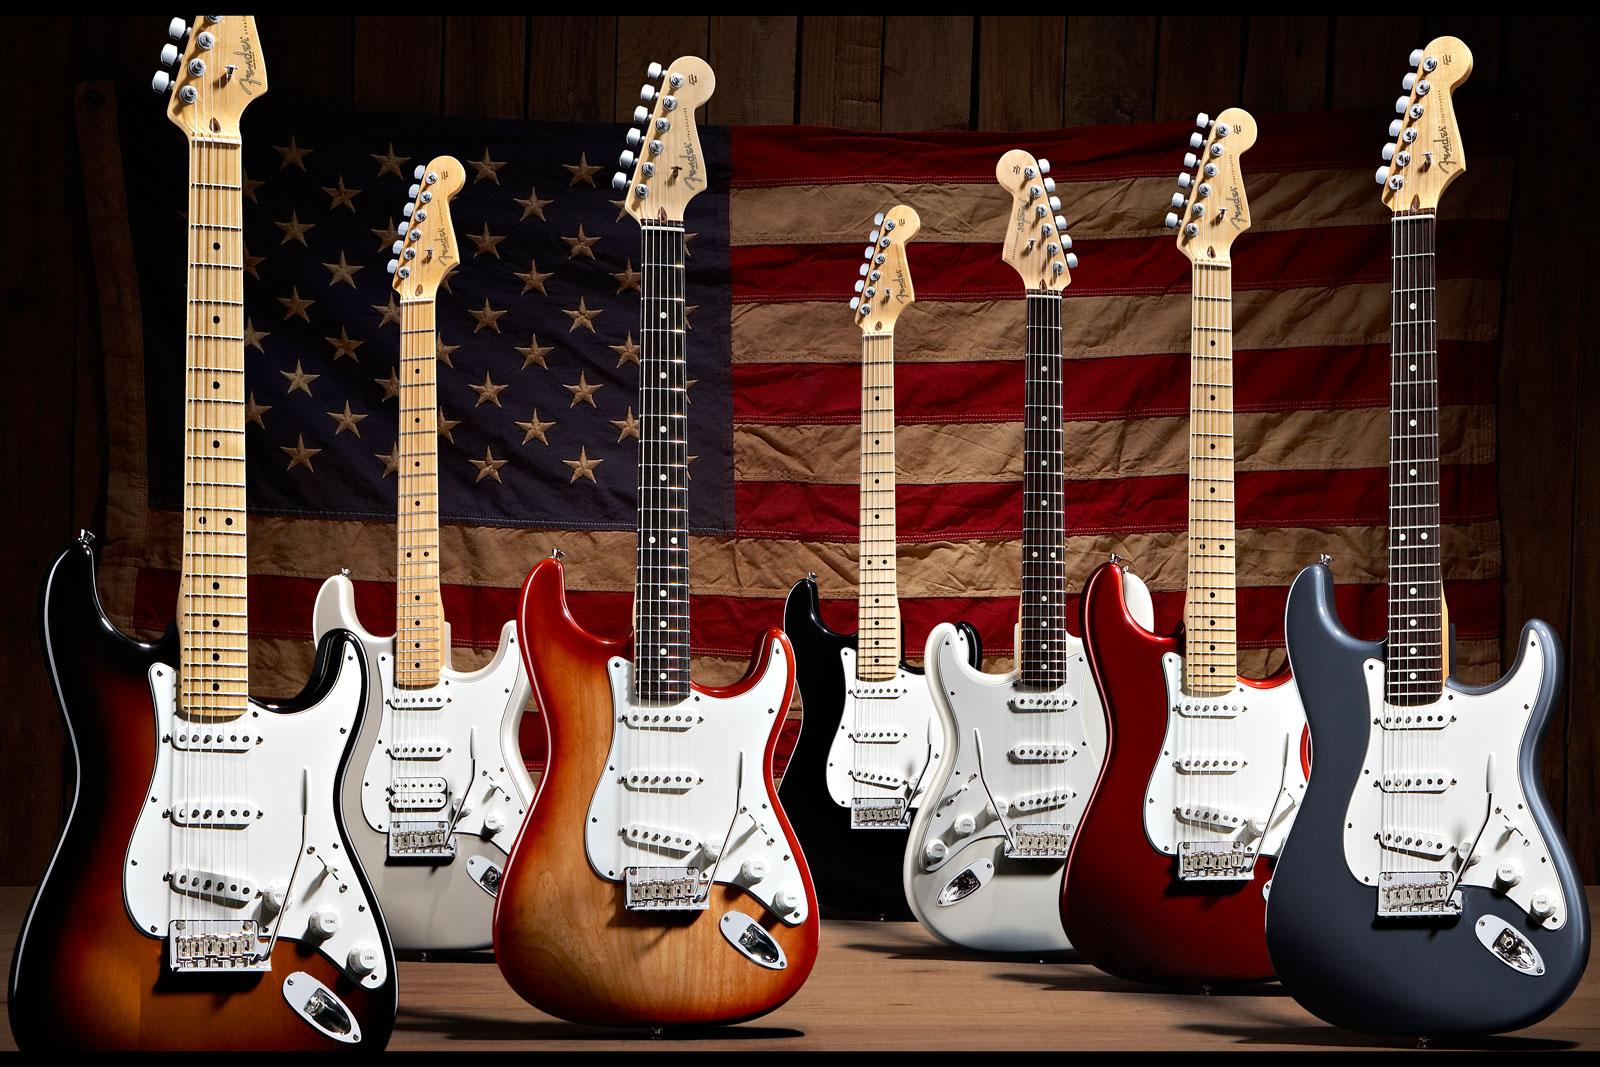 Harga Dan Spesifikasi Gitar Fender Elektrik Pun Yang Ditawarkan Di Berbagai Situs Penyedia Toko Online Seluruh